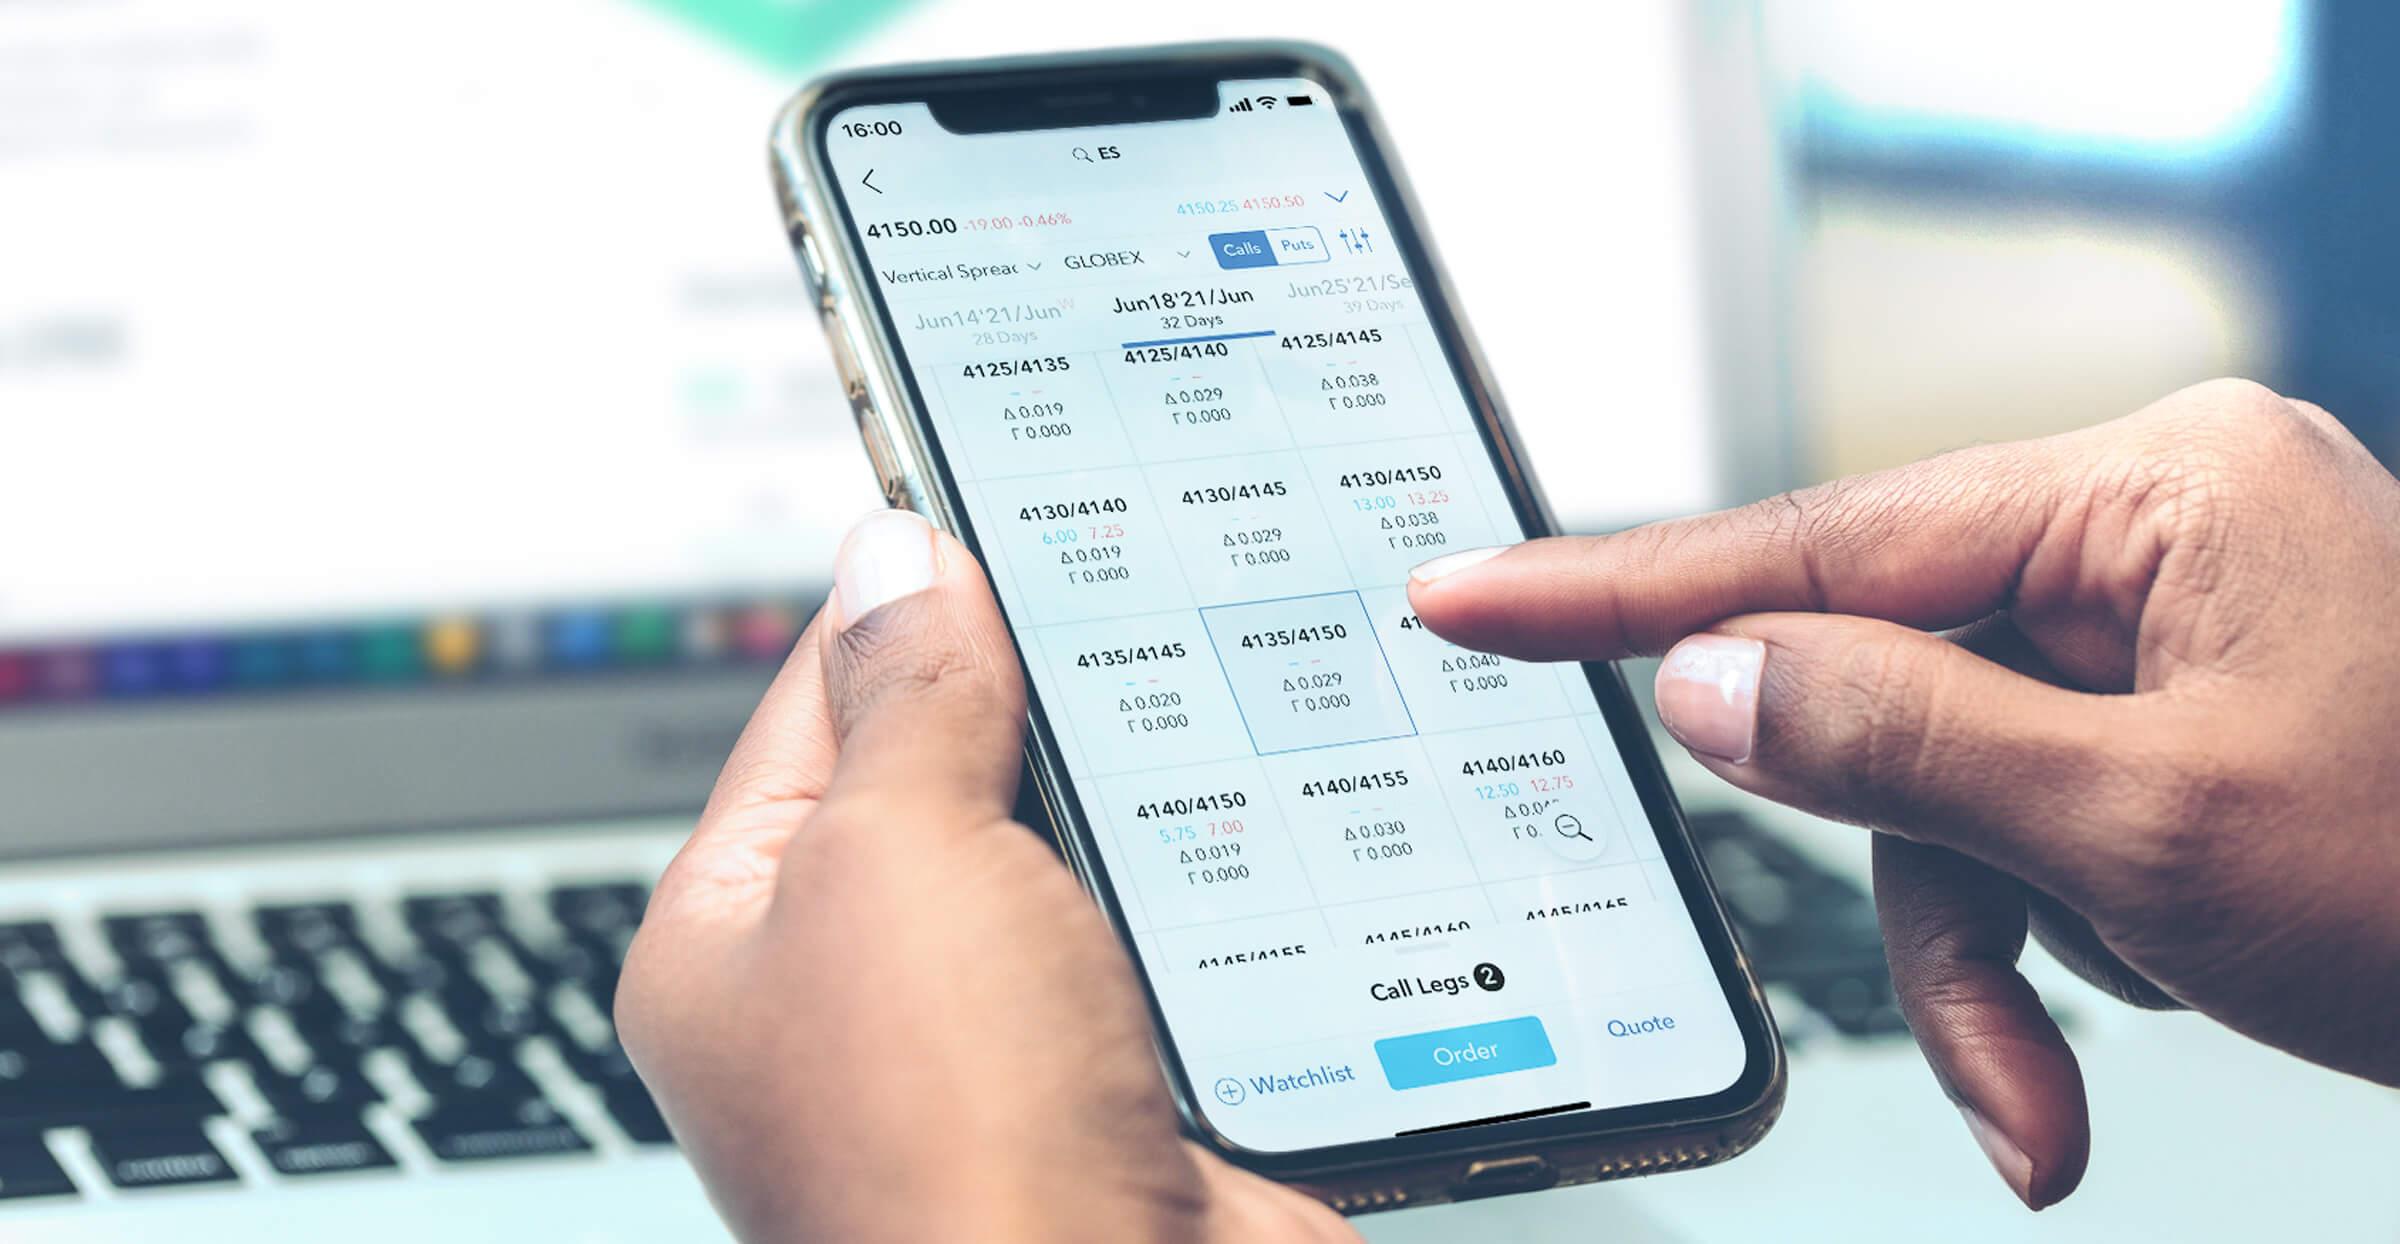 Mobilní telefon s otevřenou obchodní aplikací